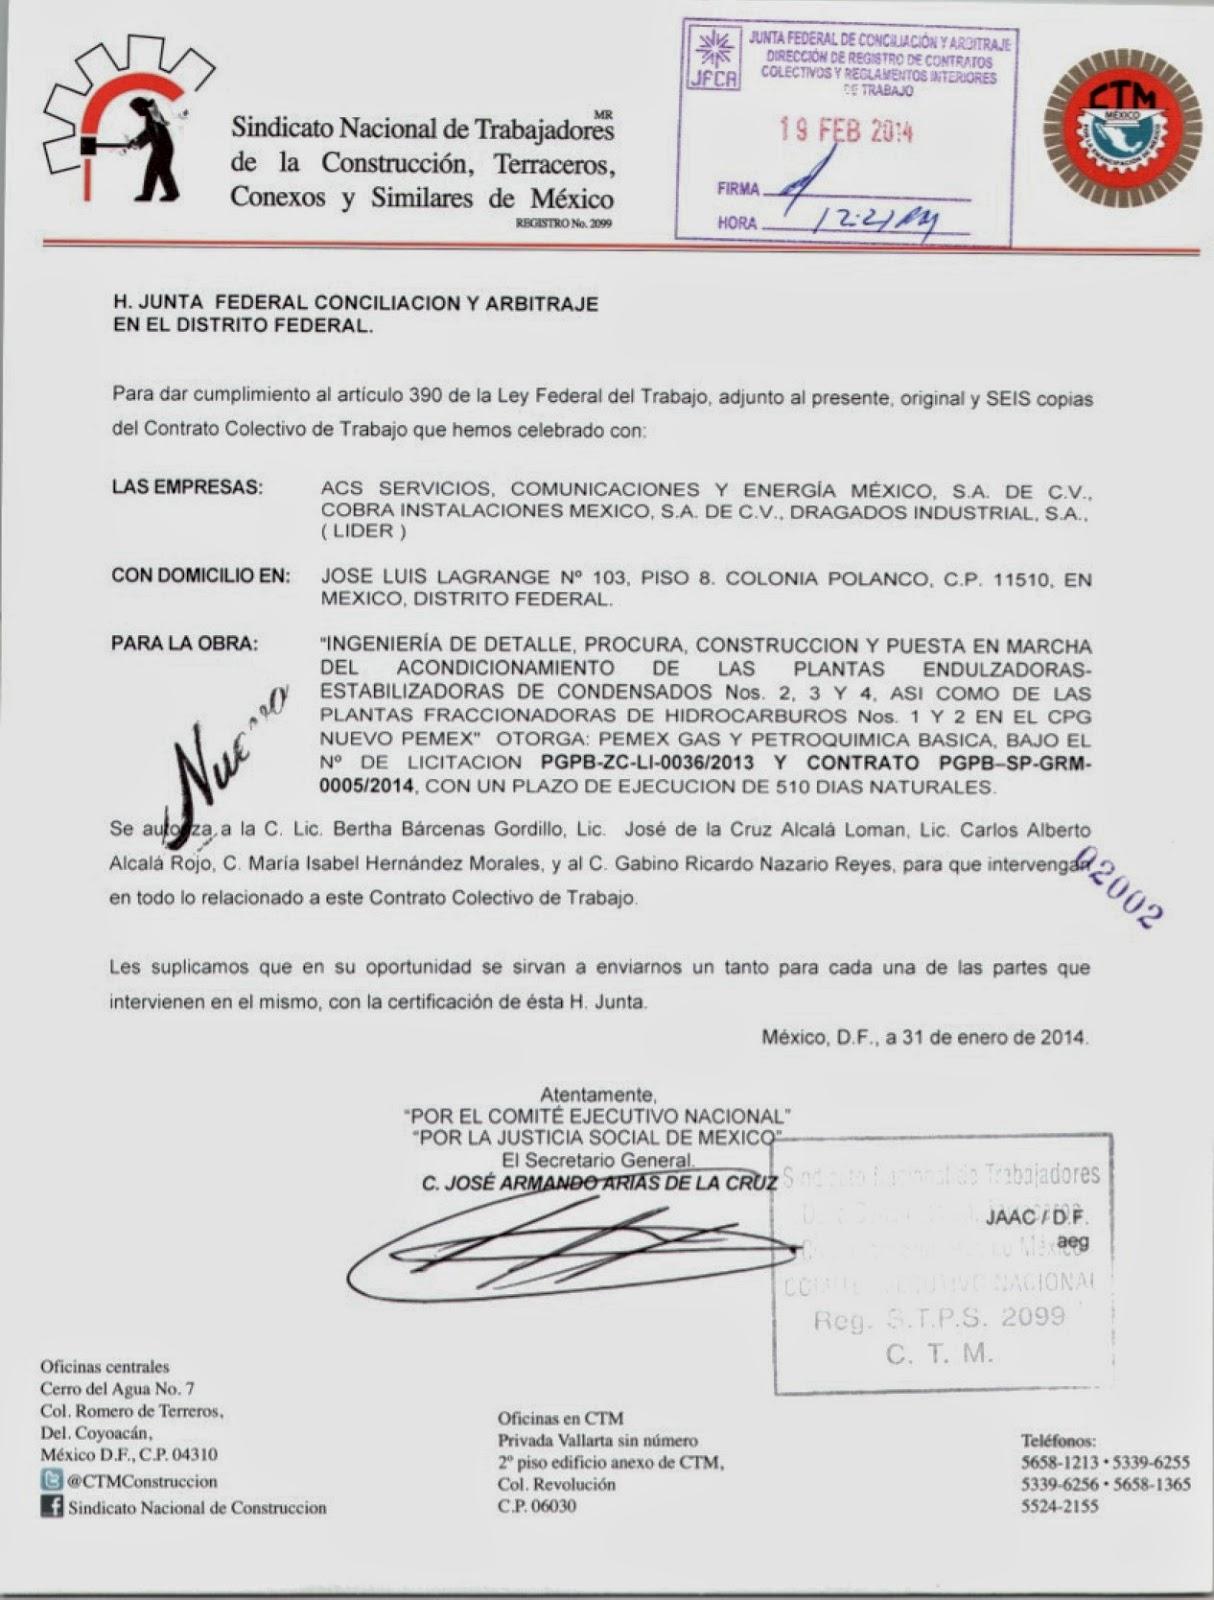 Contrato Colectivo De Trabajo Cpg Nuevo Pemex Enero 2014